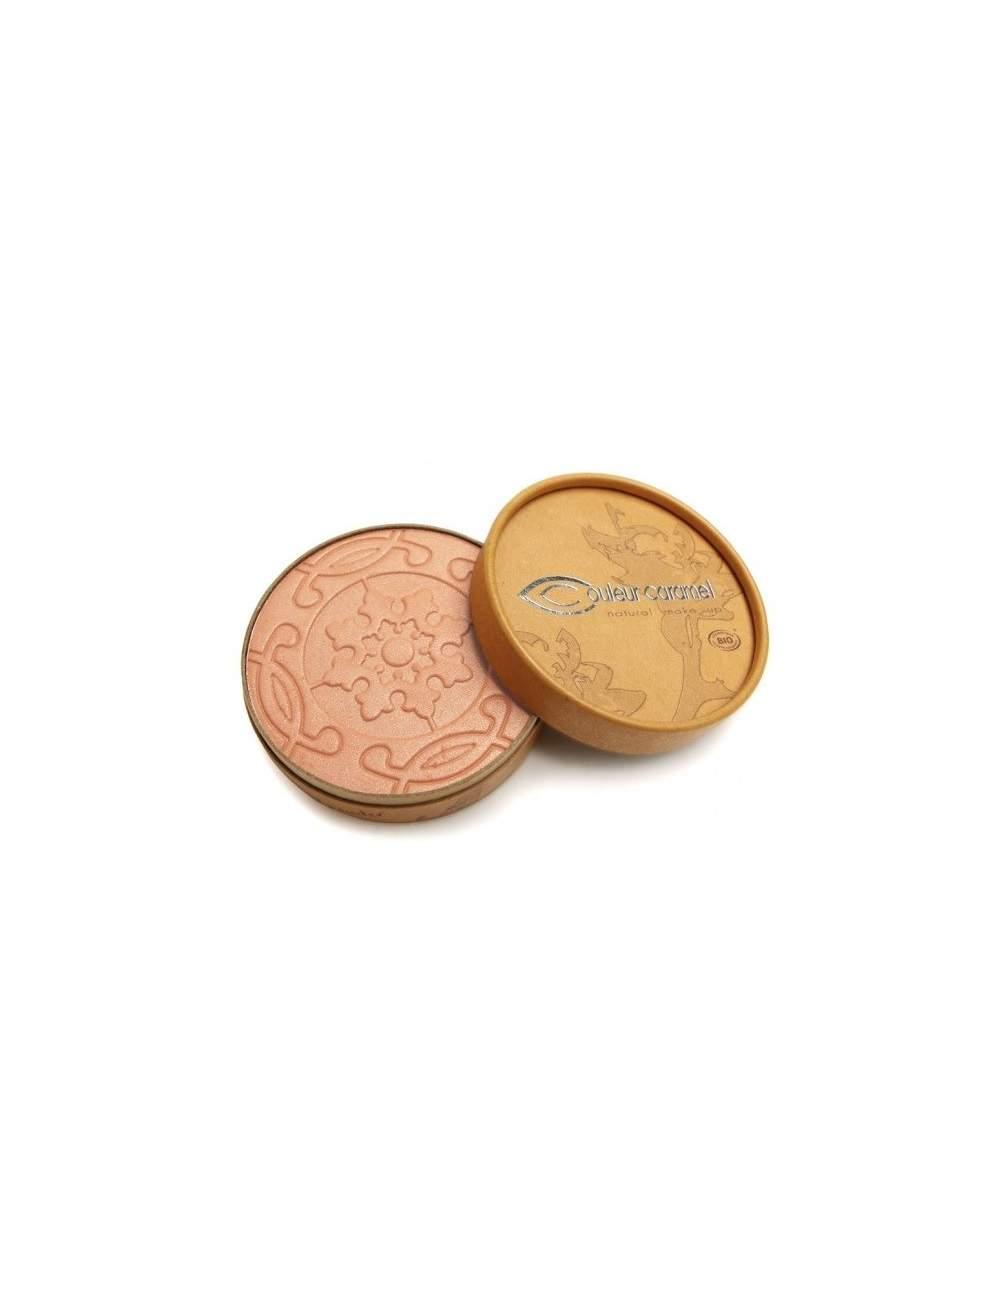 Polvos Bronceadores Bio Nacarados Terre Caramel 22 Orange Brown. Couleur Caramel